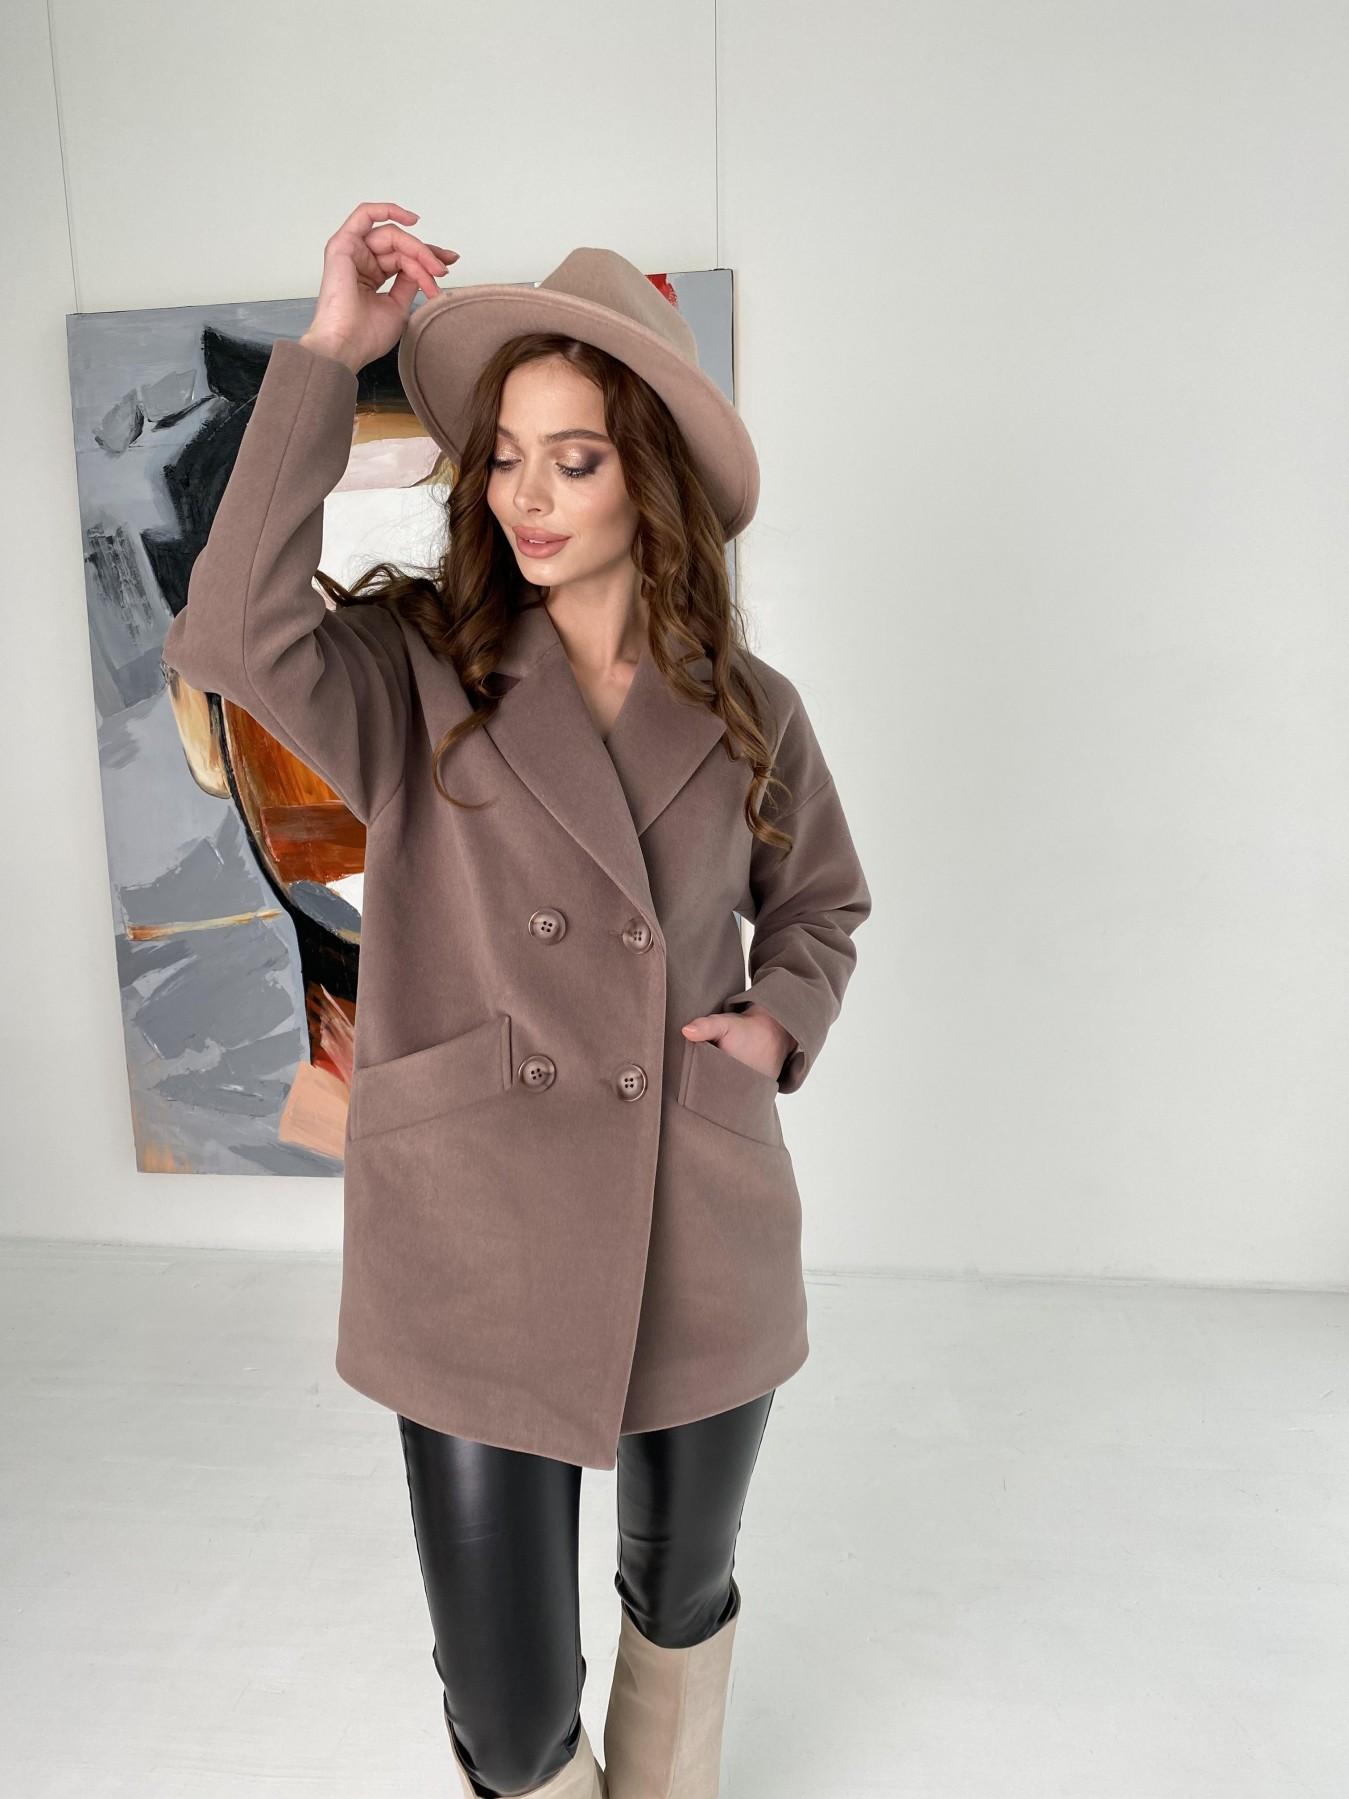 Бонд пальто кашемировое на трикотаже 10642 АРТ. 47009 Цвет: Кофе - фото 4, интернет магазин tm-modus.ru